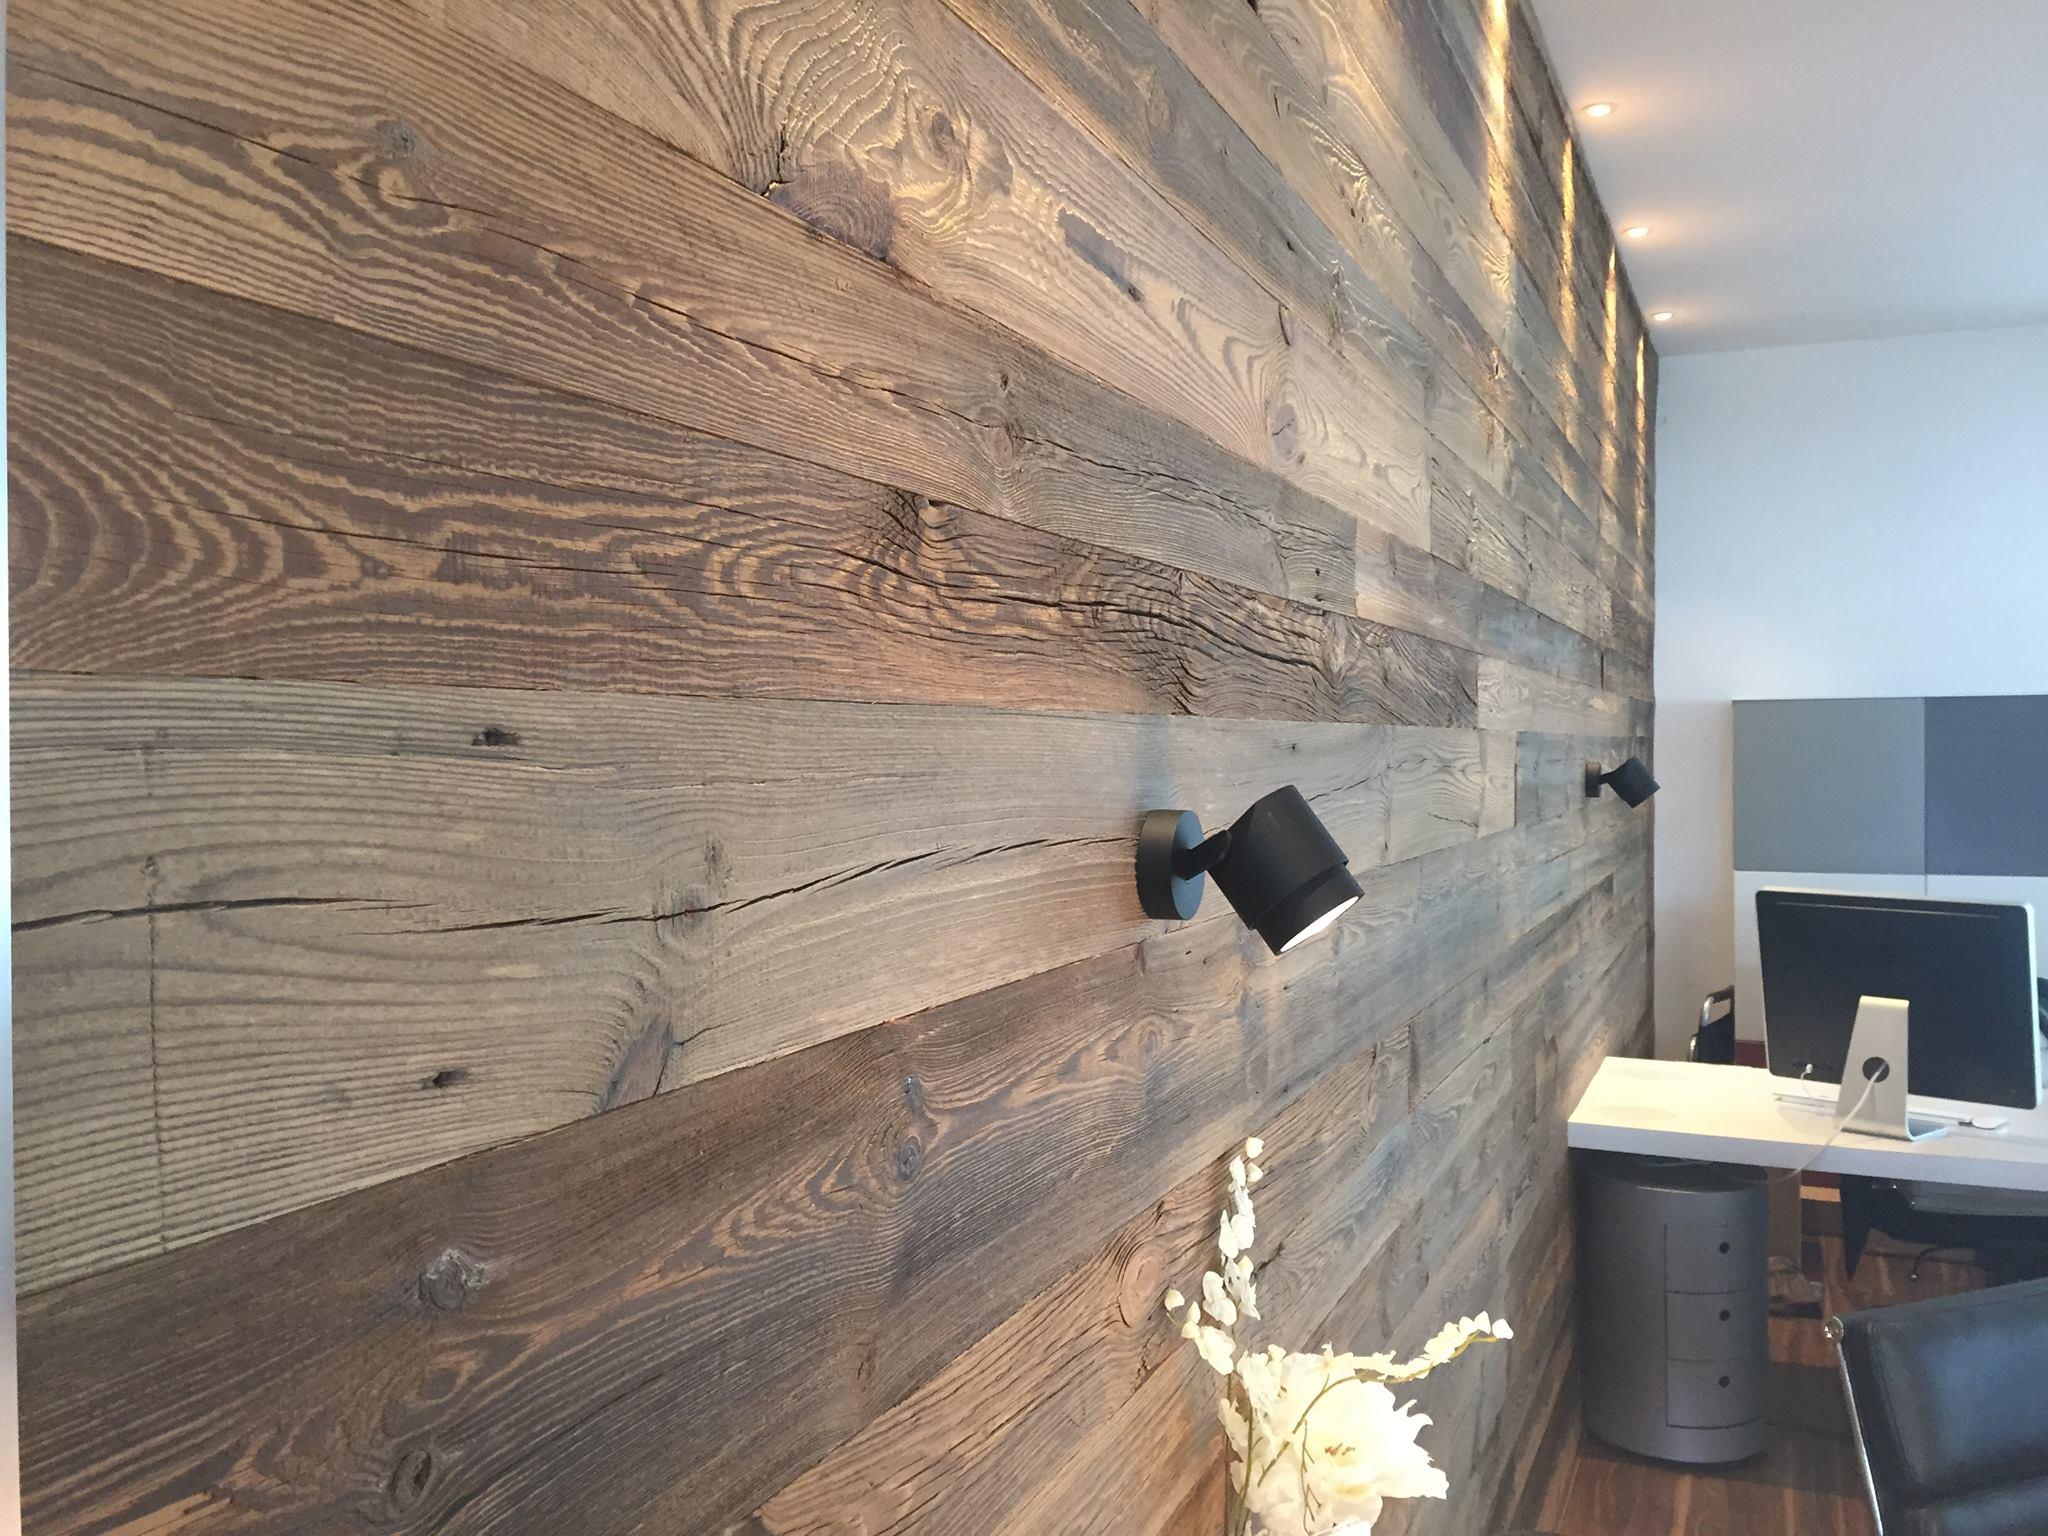 sonnenverbrannt altholz bretter bs holzdesign. Black Bedroom Furniture Sets. Home Design Ideas